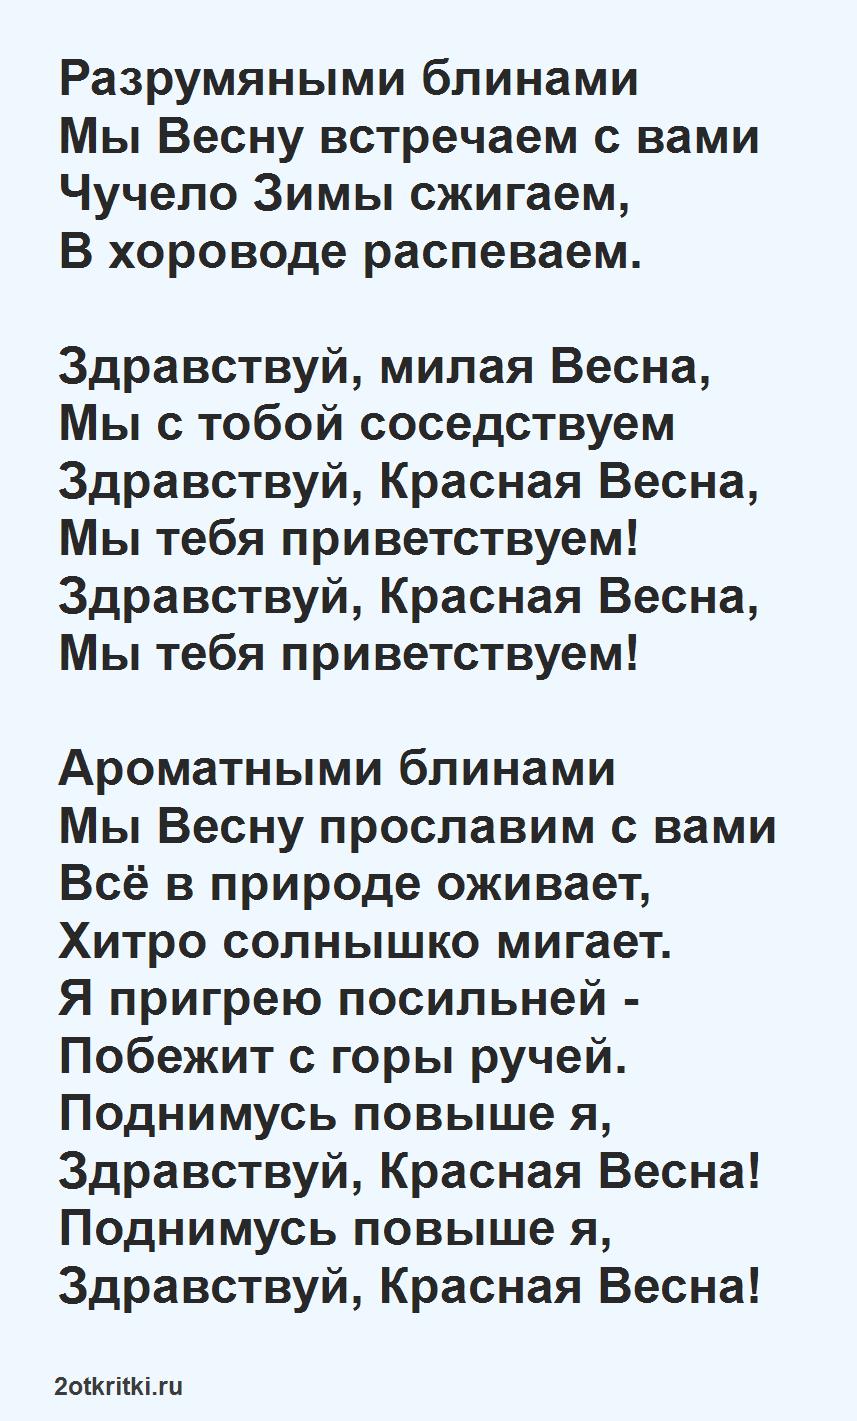 Веселая песня на масленицу - Разрумяными блинами